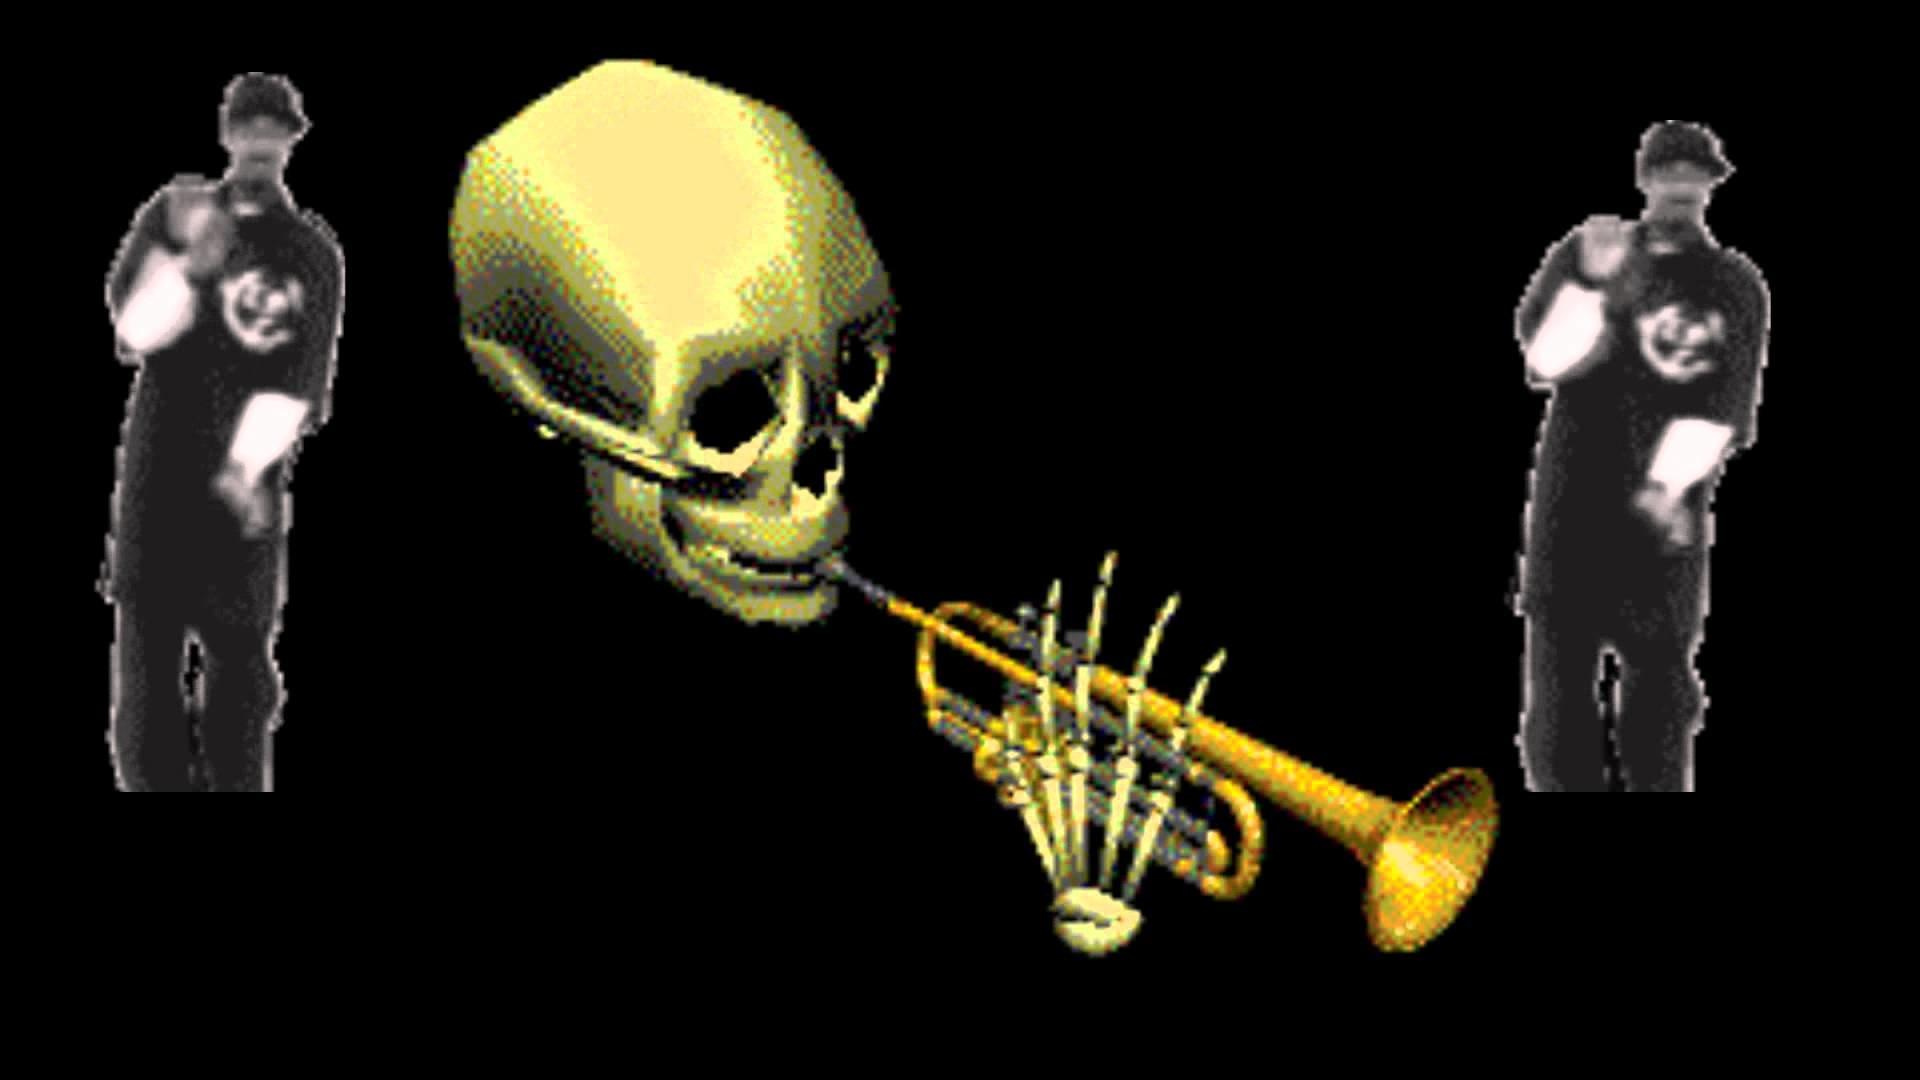 Dank Meme Wallpaper Full Hd - Spooky Skeleton , HD Wallpaper & Backgrounds